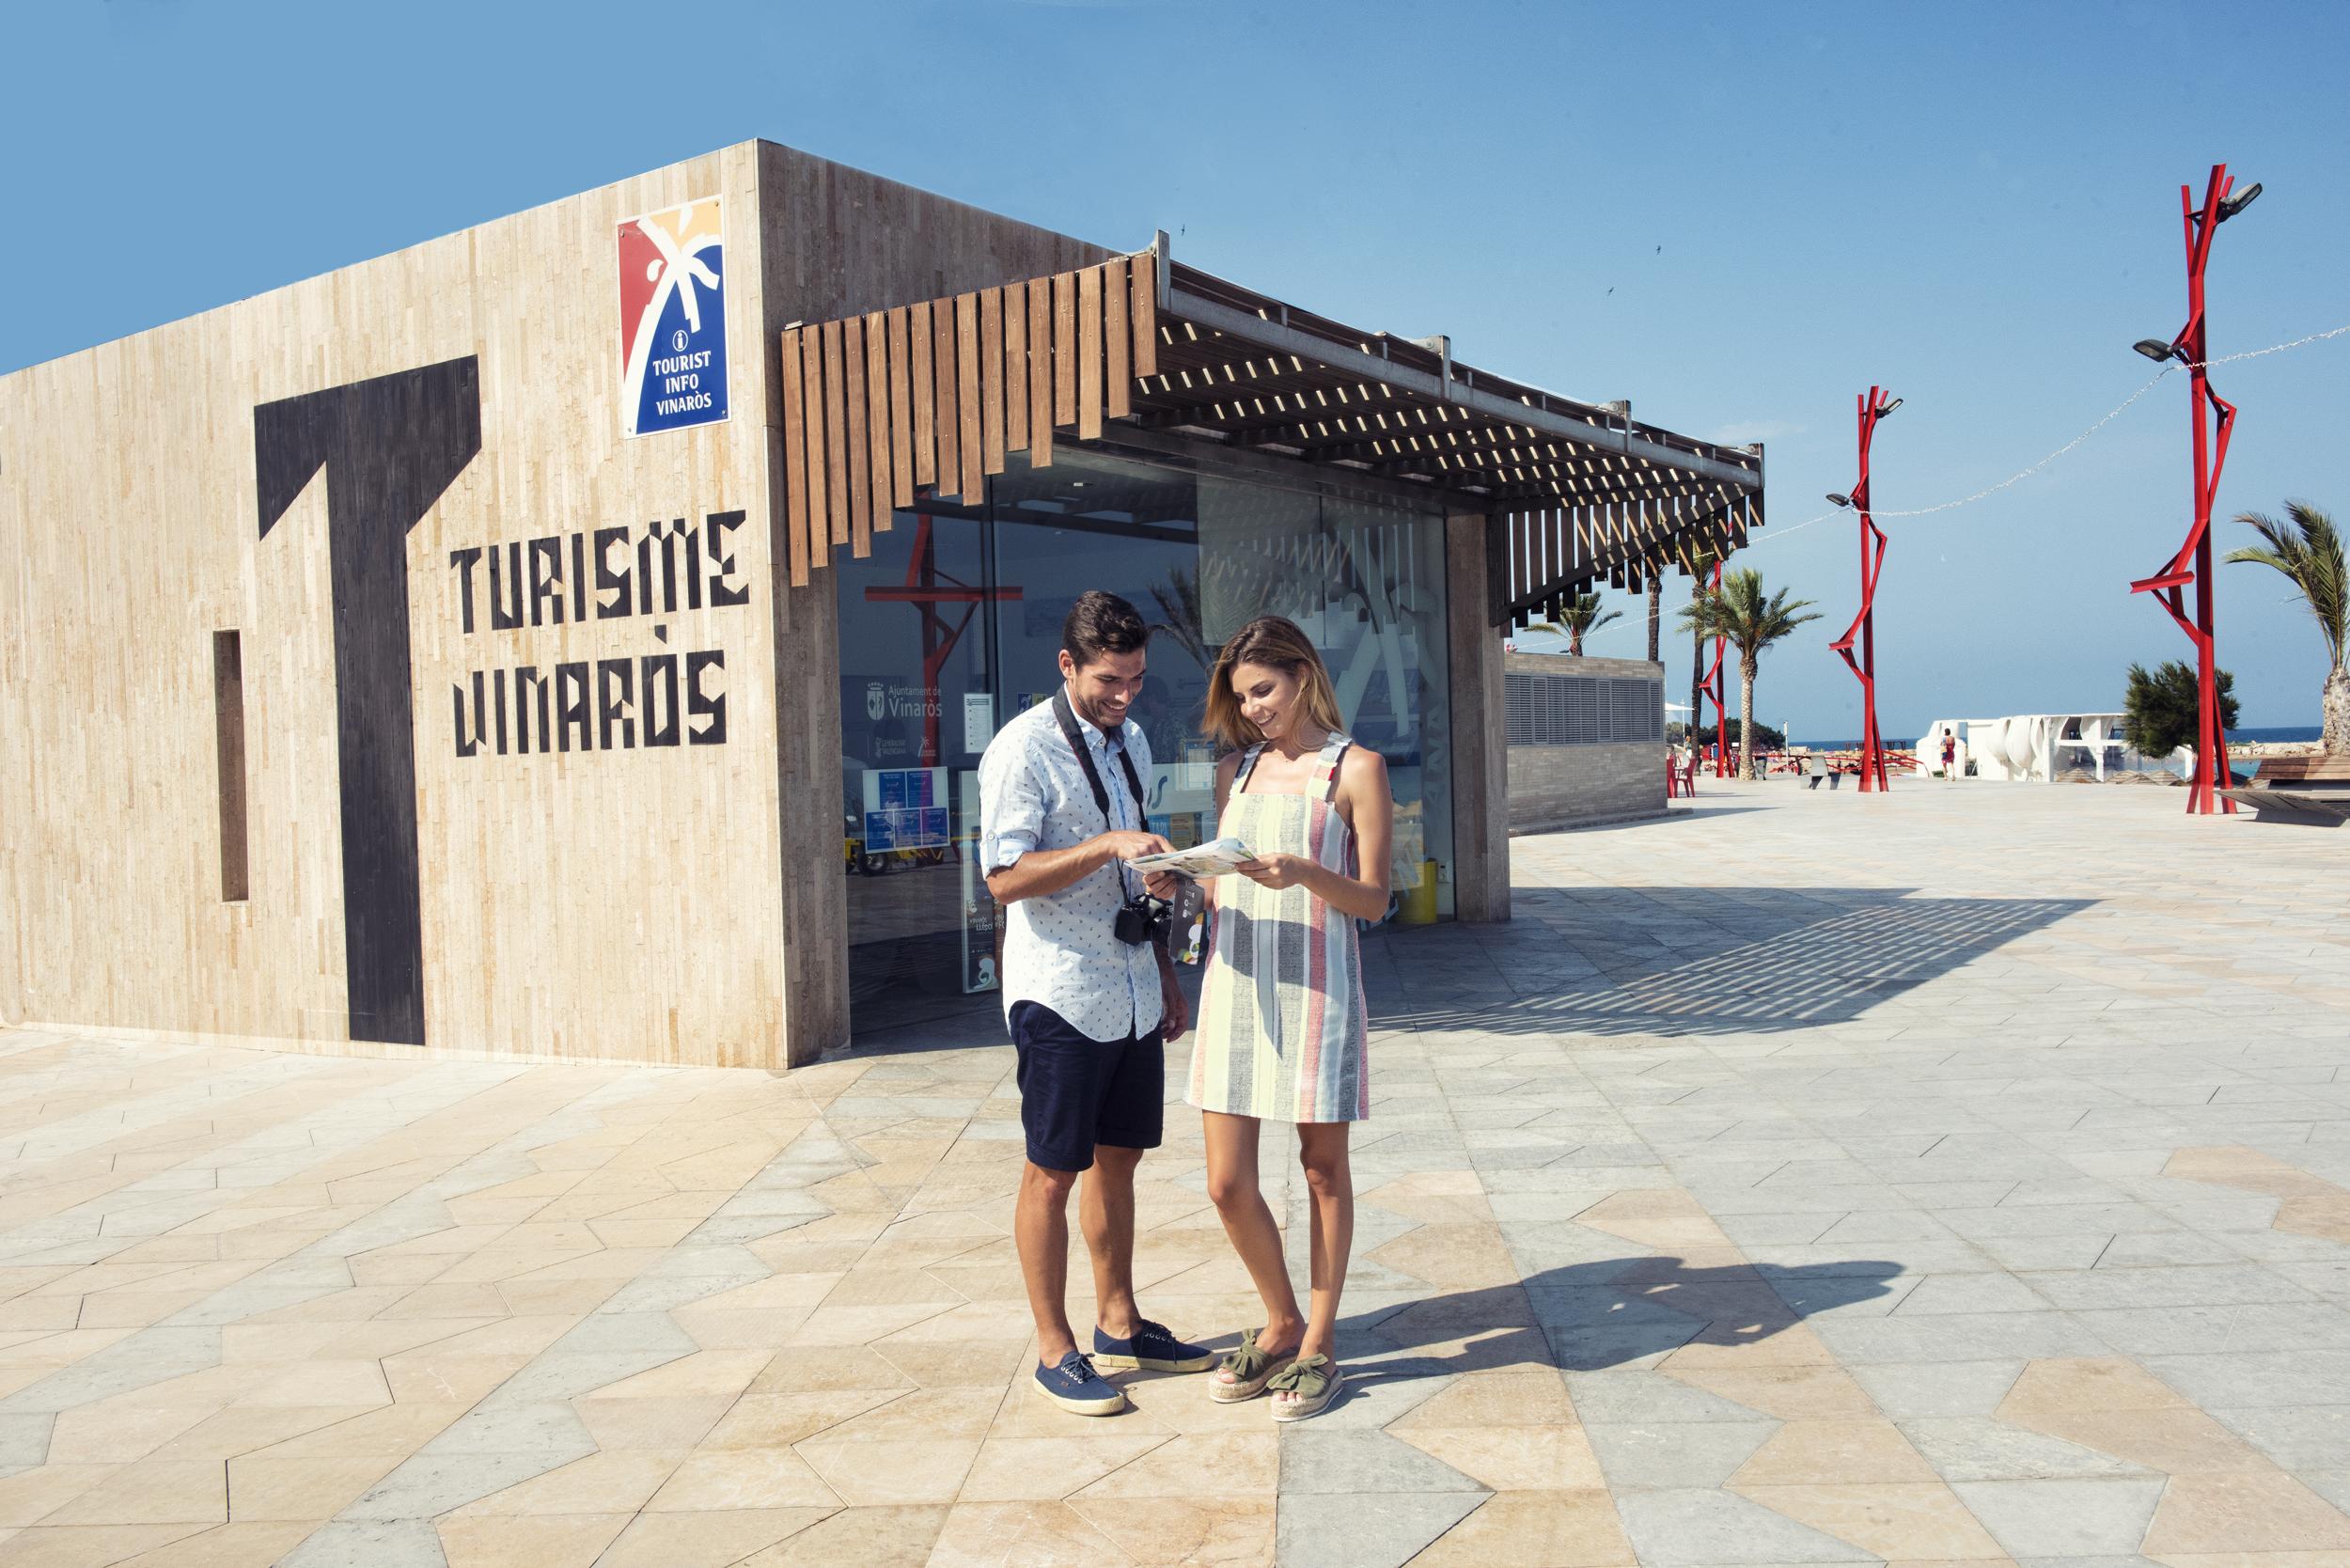 Turisme Vinaròs aconsegueix més de 80.000 € en ajudes per a impulsar la qualitat, servei i promoció turística de Vinaròs